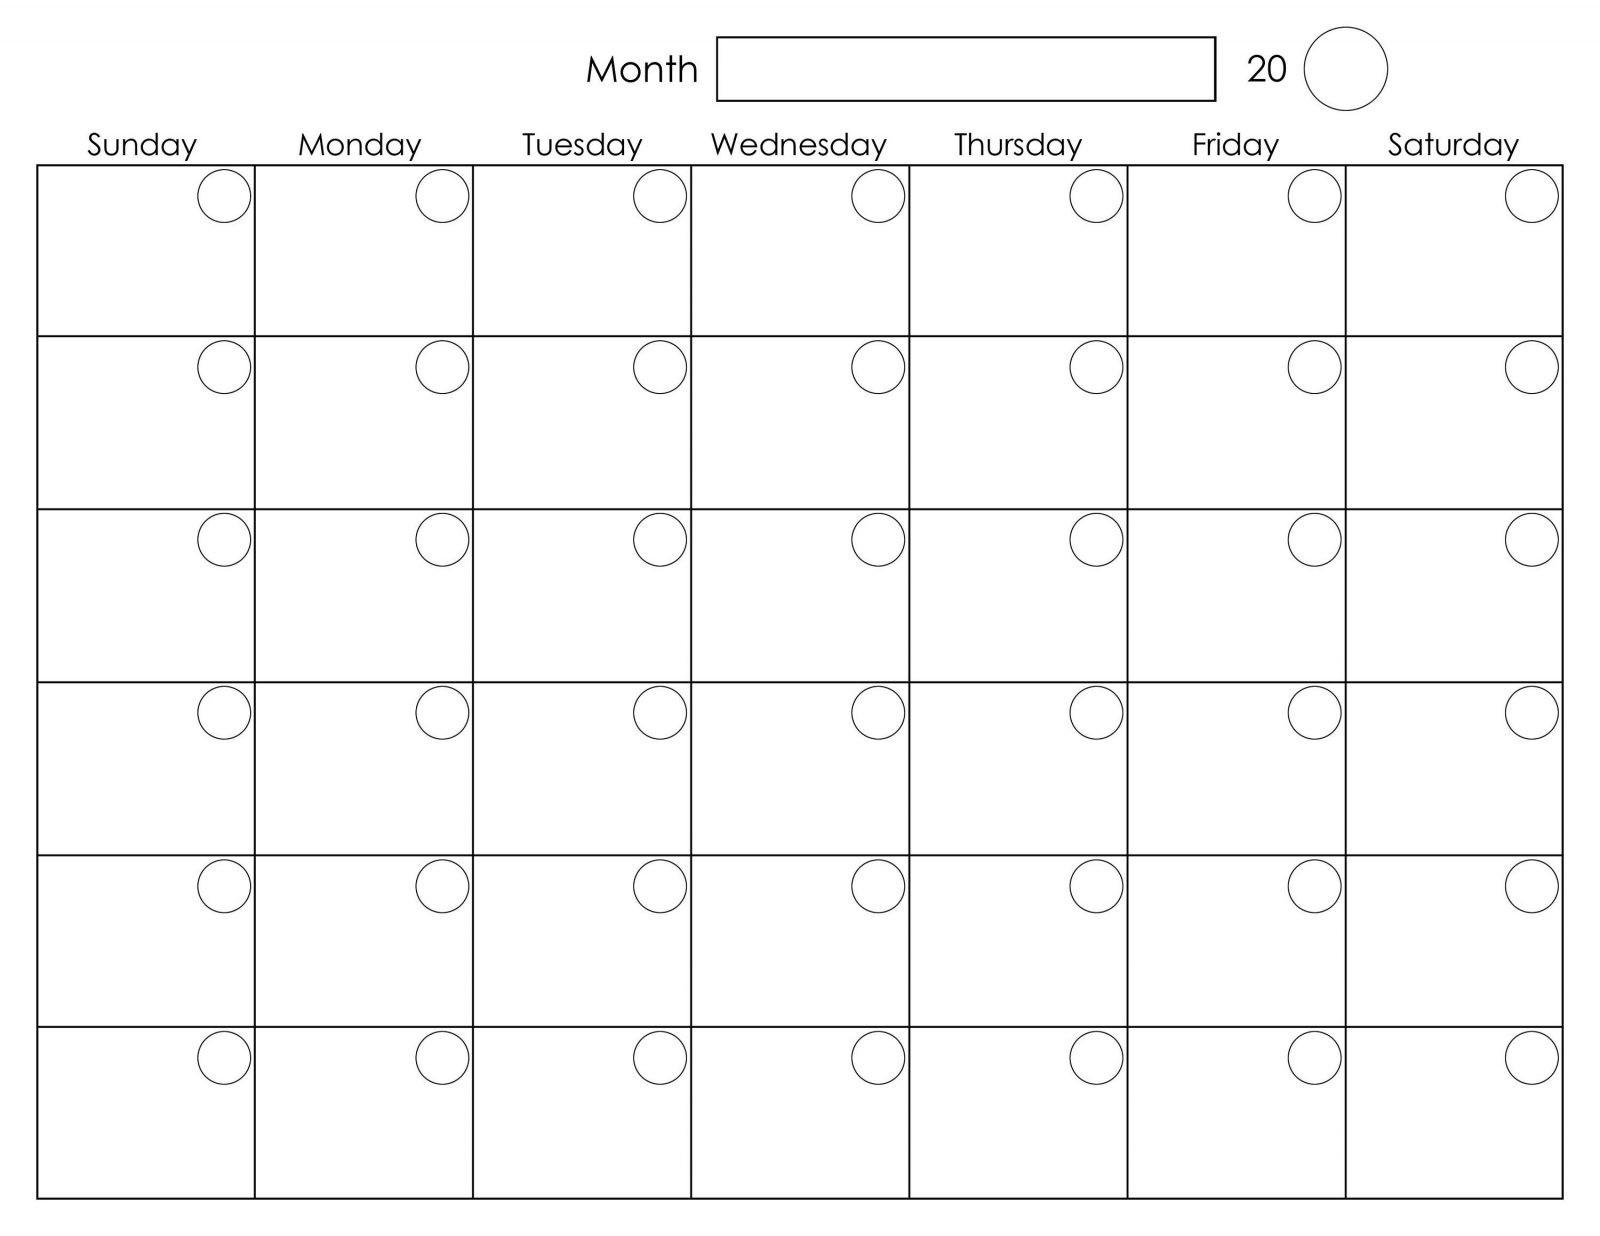 Monday To Friday Weekly Calendar | Ten Free Printable Calendar 2020-2021